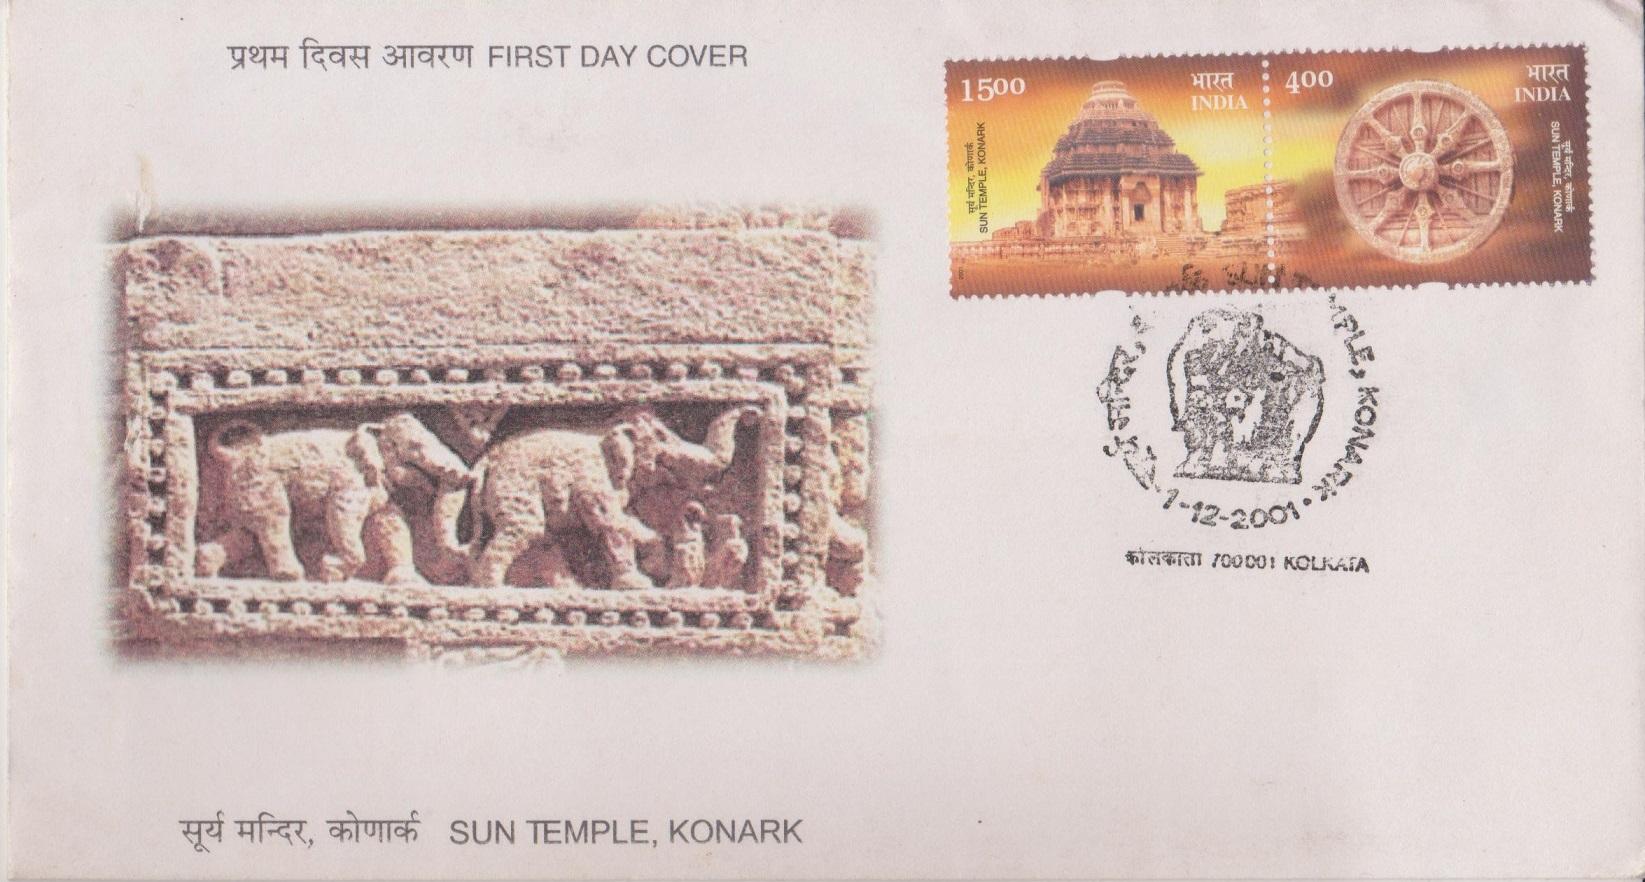 Narasingha Deva I, Eastern Ganga Dynasty